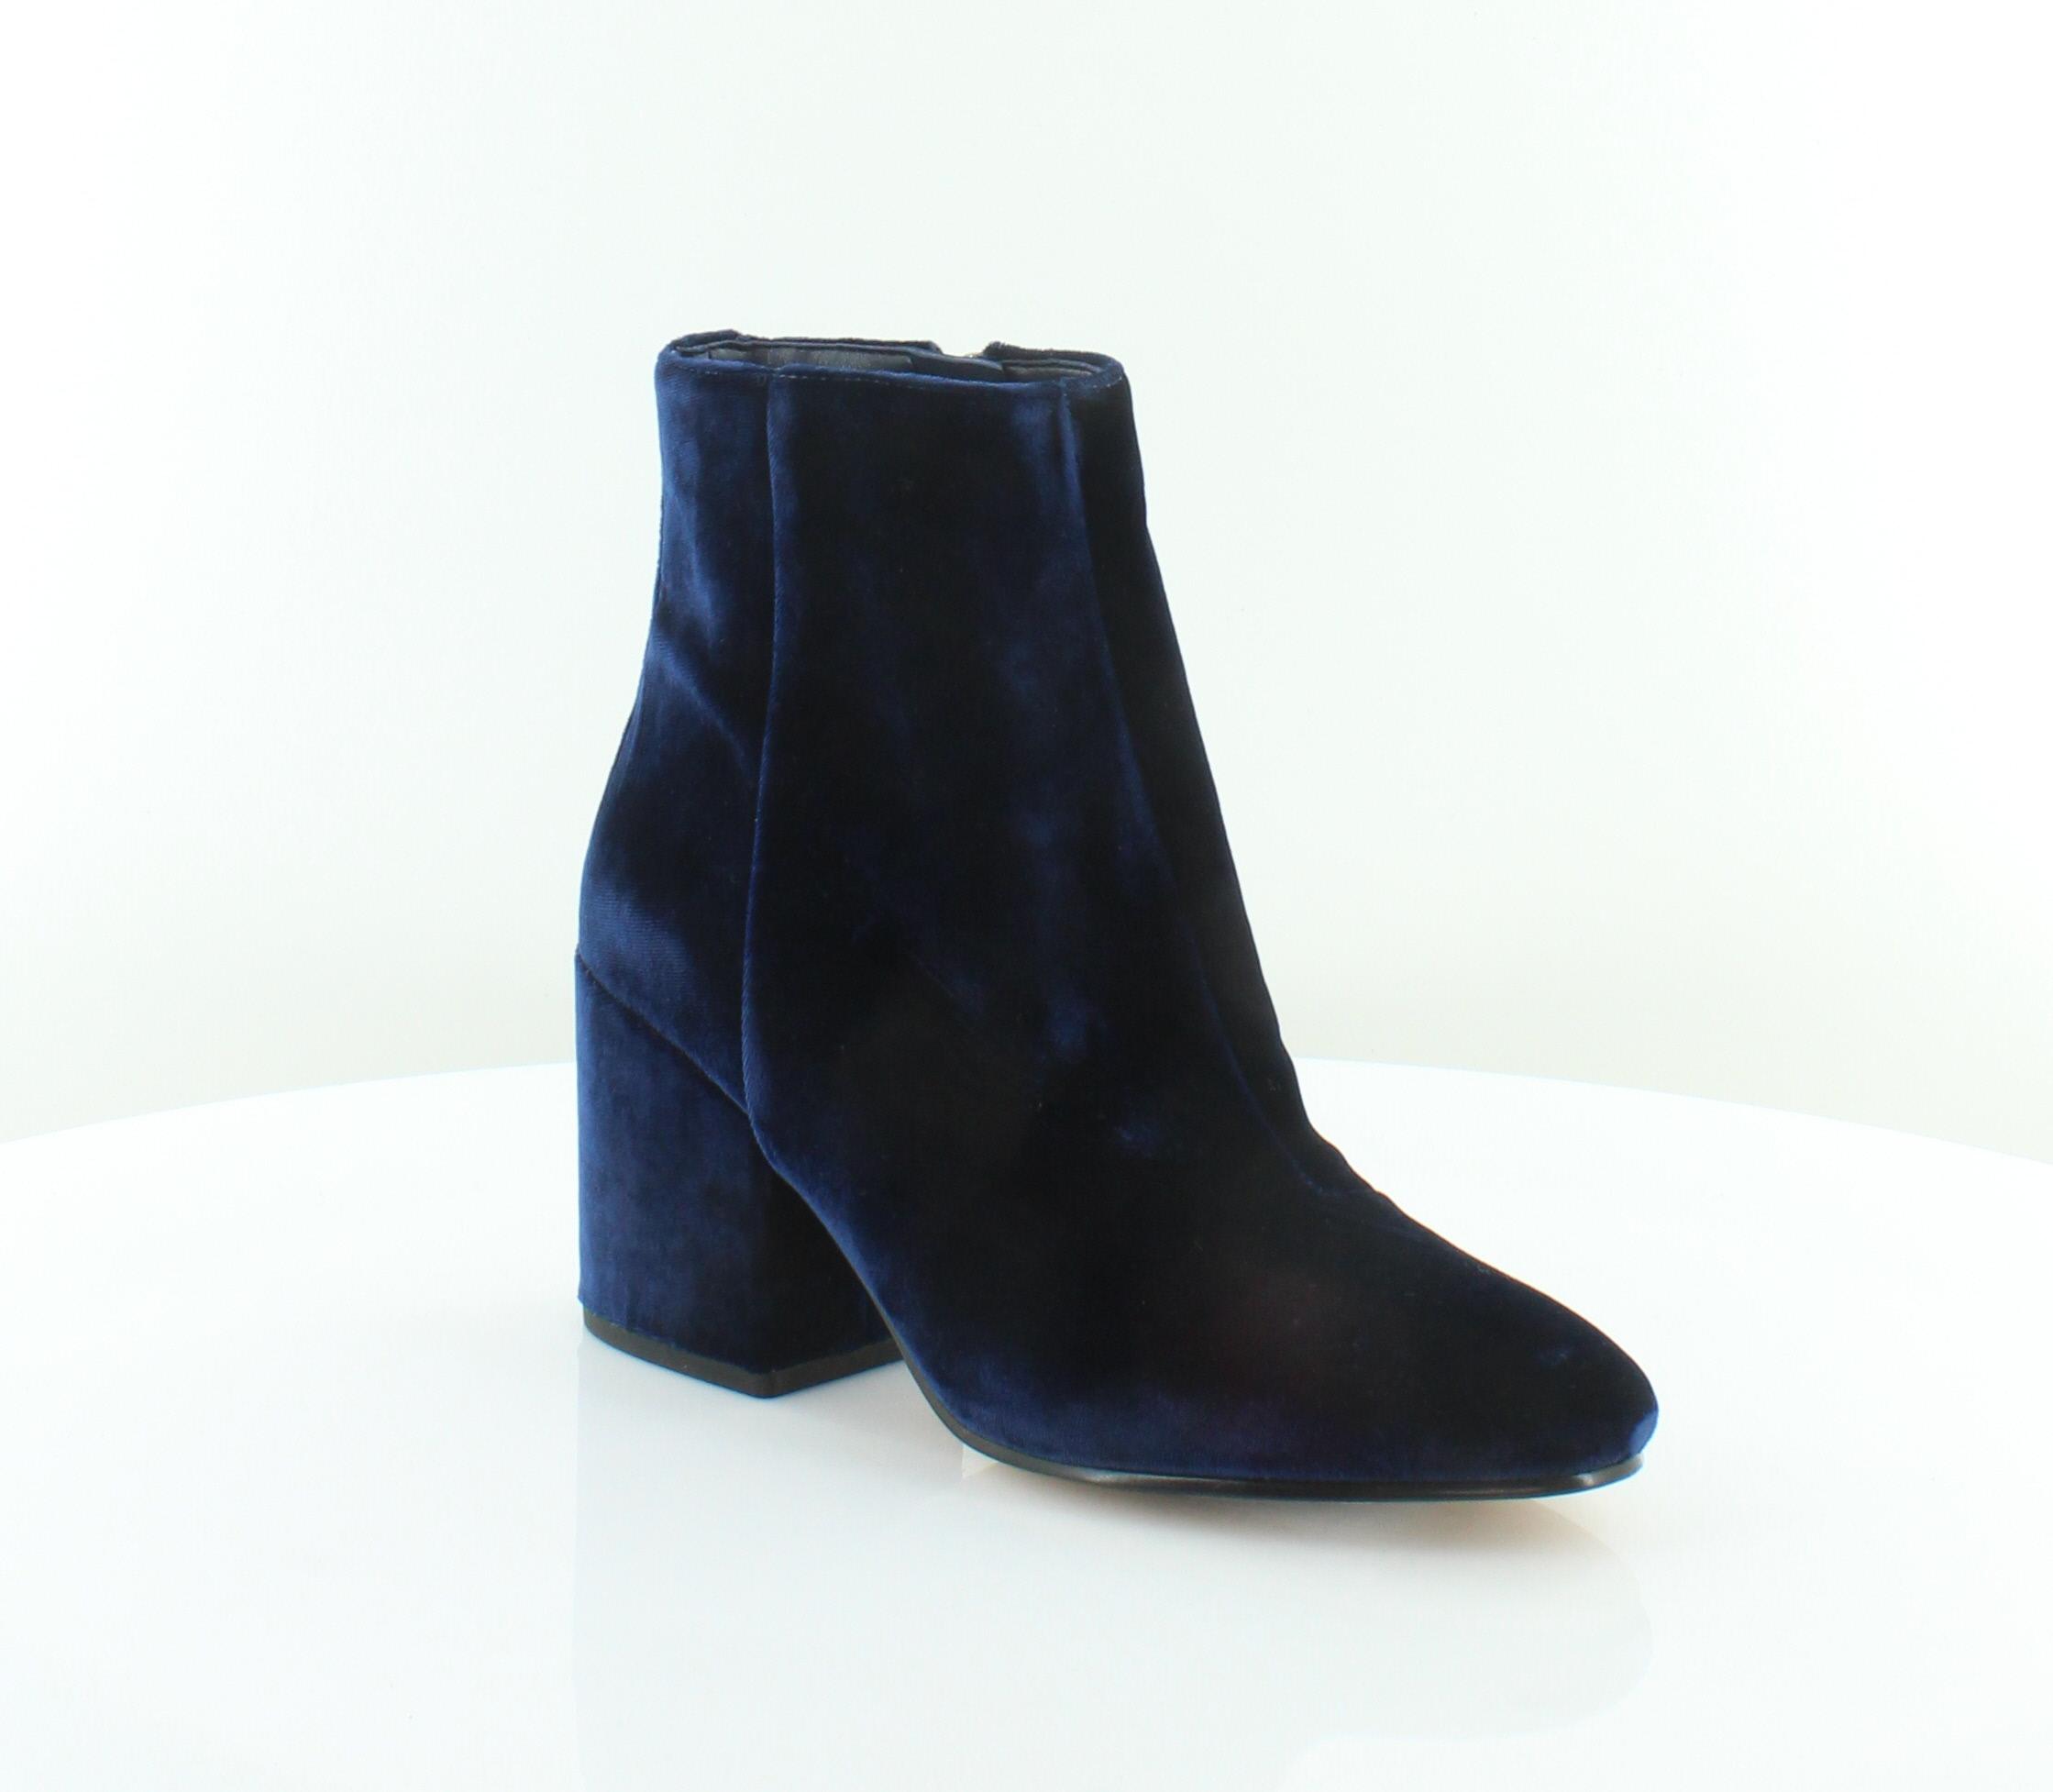 b67478d97f71f Sam Edelman Taye Blau damen schuhe Größe Größe Größe 6.5 M Stiefel MSRP 160  0dffe8